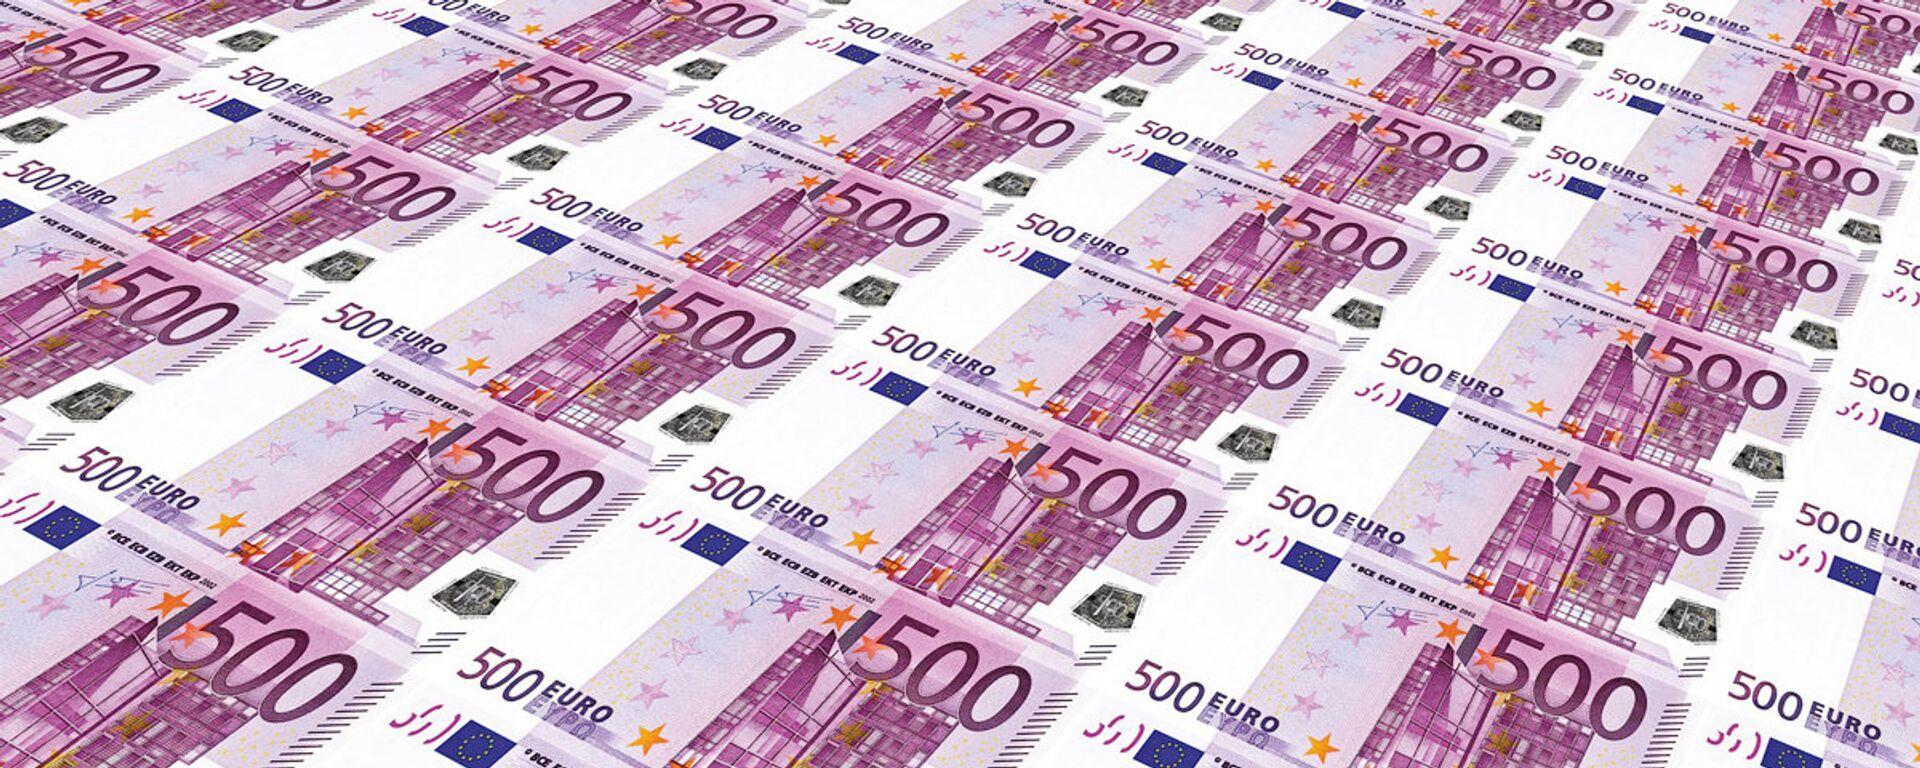 Валюта евро - Sputnik Латвия, 1920, 23.03.2021